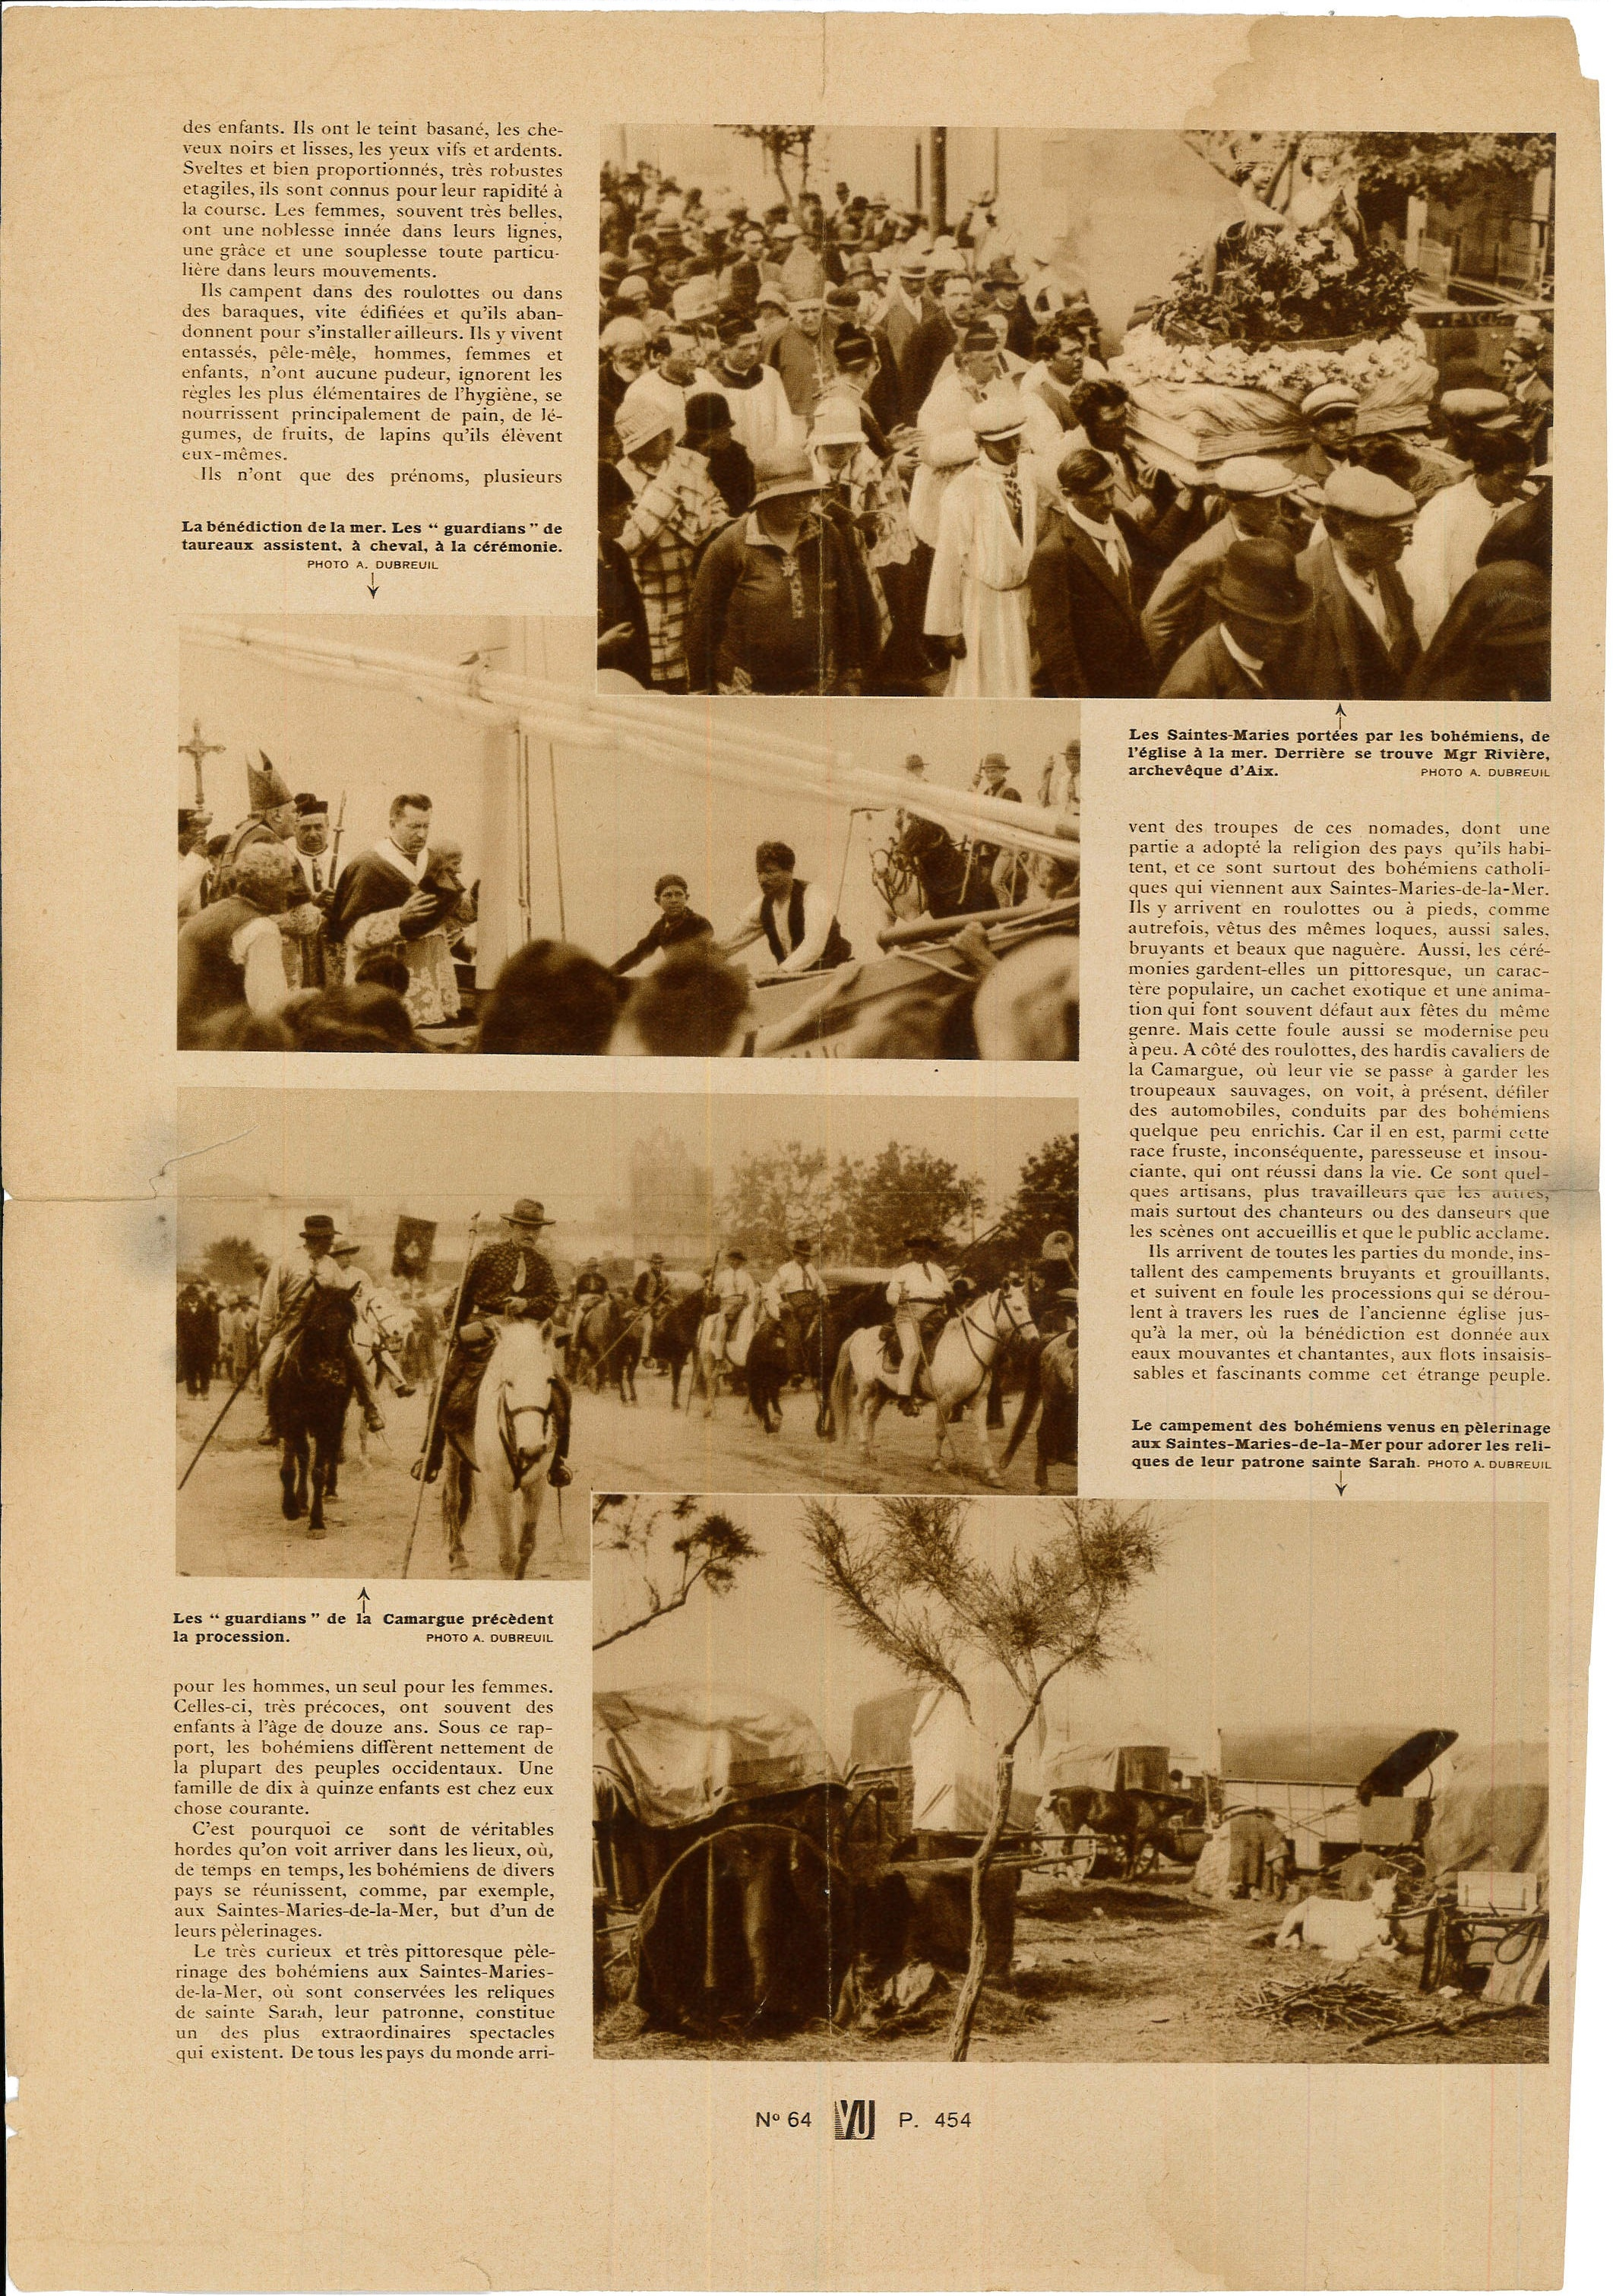 p.454_-_Cannibales_et_pélerins_-_Le_peuple_vagabond.jpg - image/jpeg